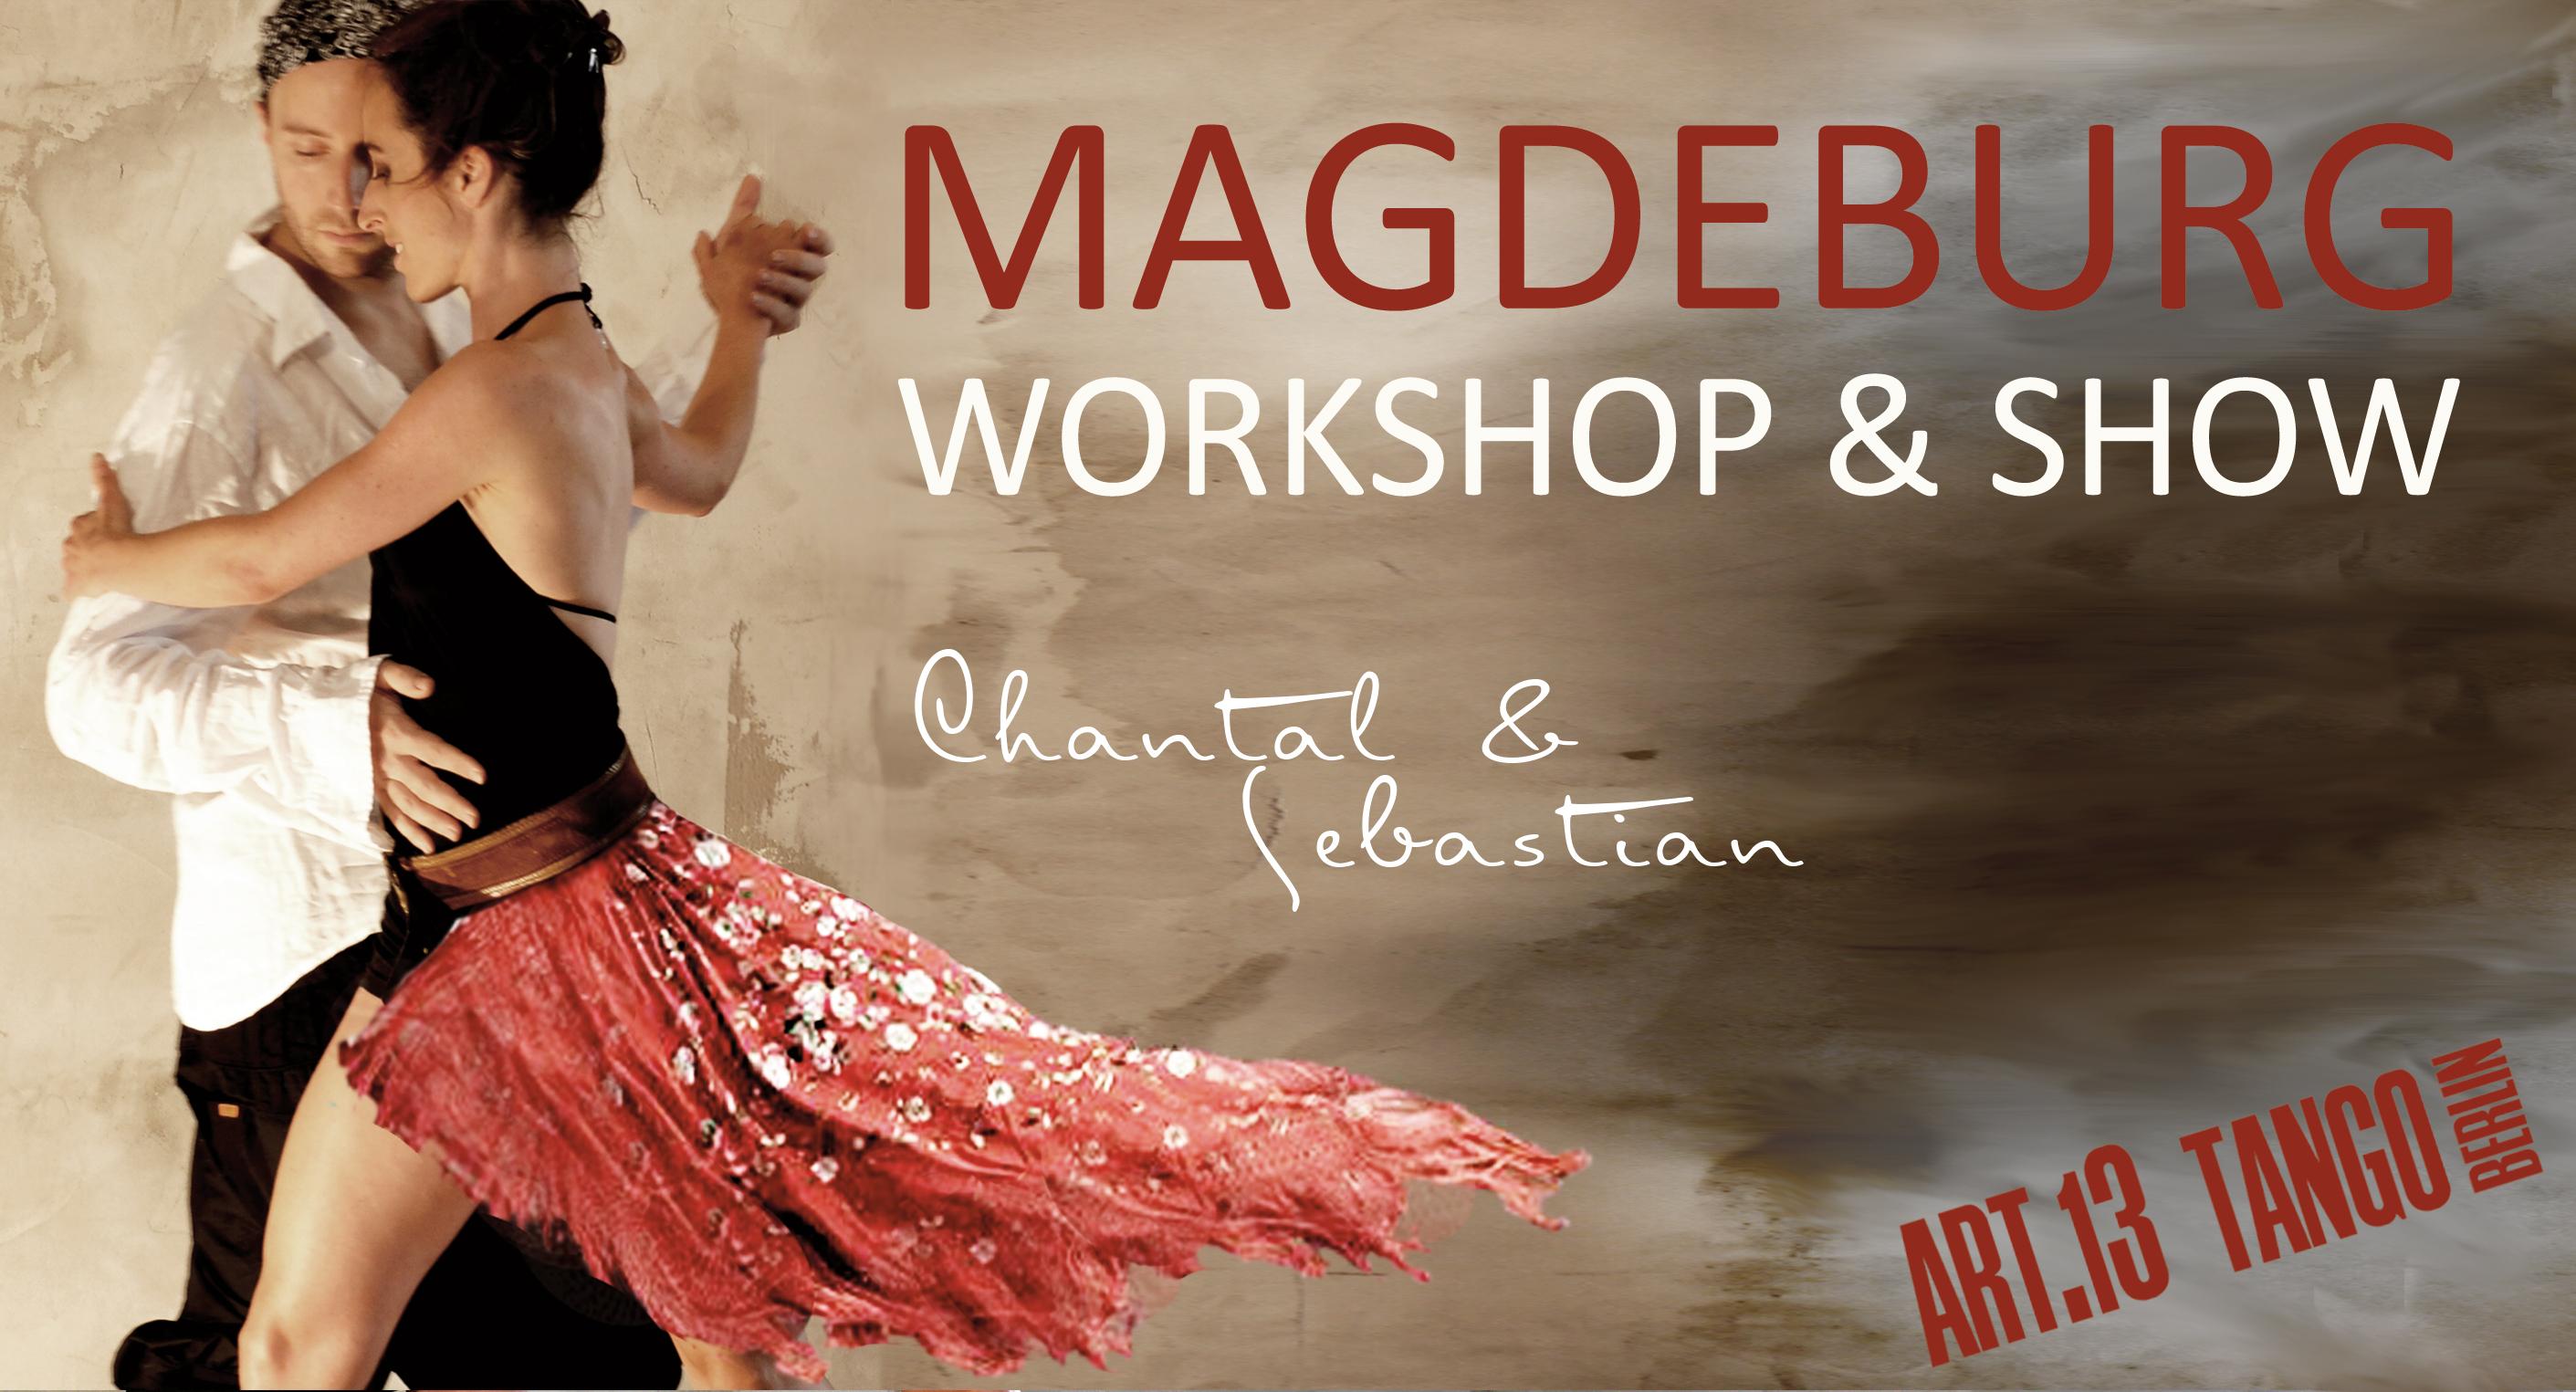 Workshops & Show in Magdeburg